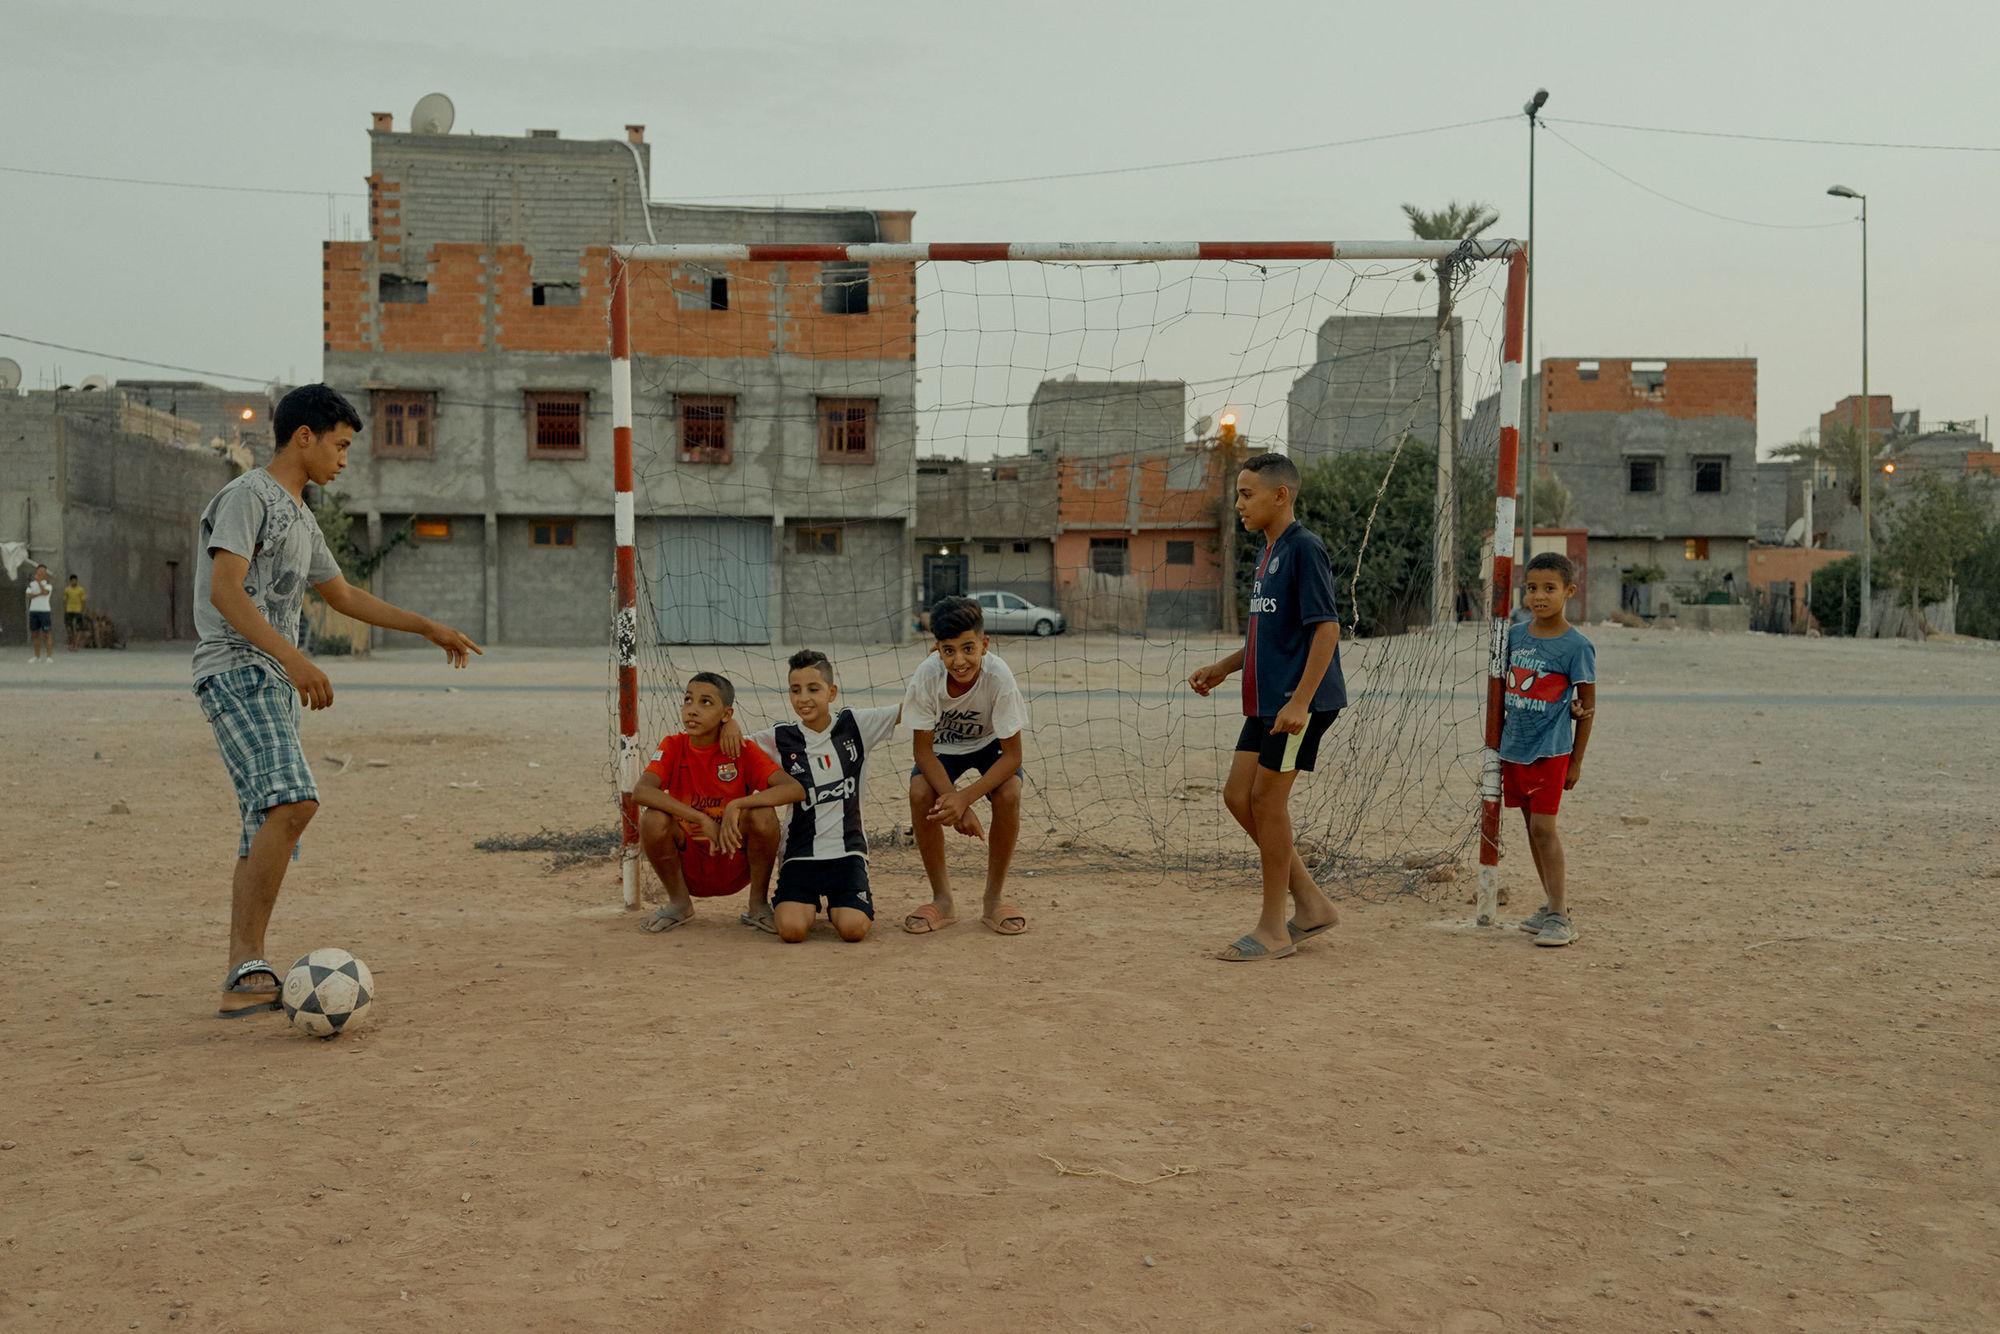 RUBEN RIERMEIER, Marocco, personal work